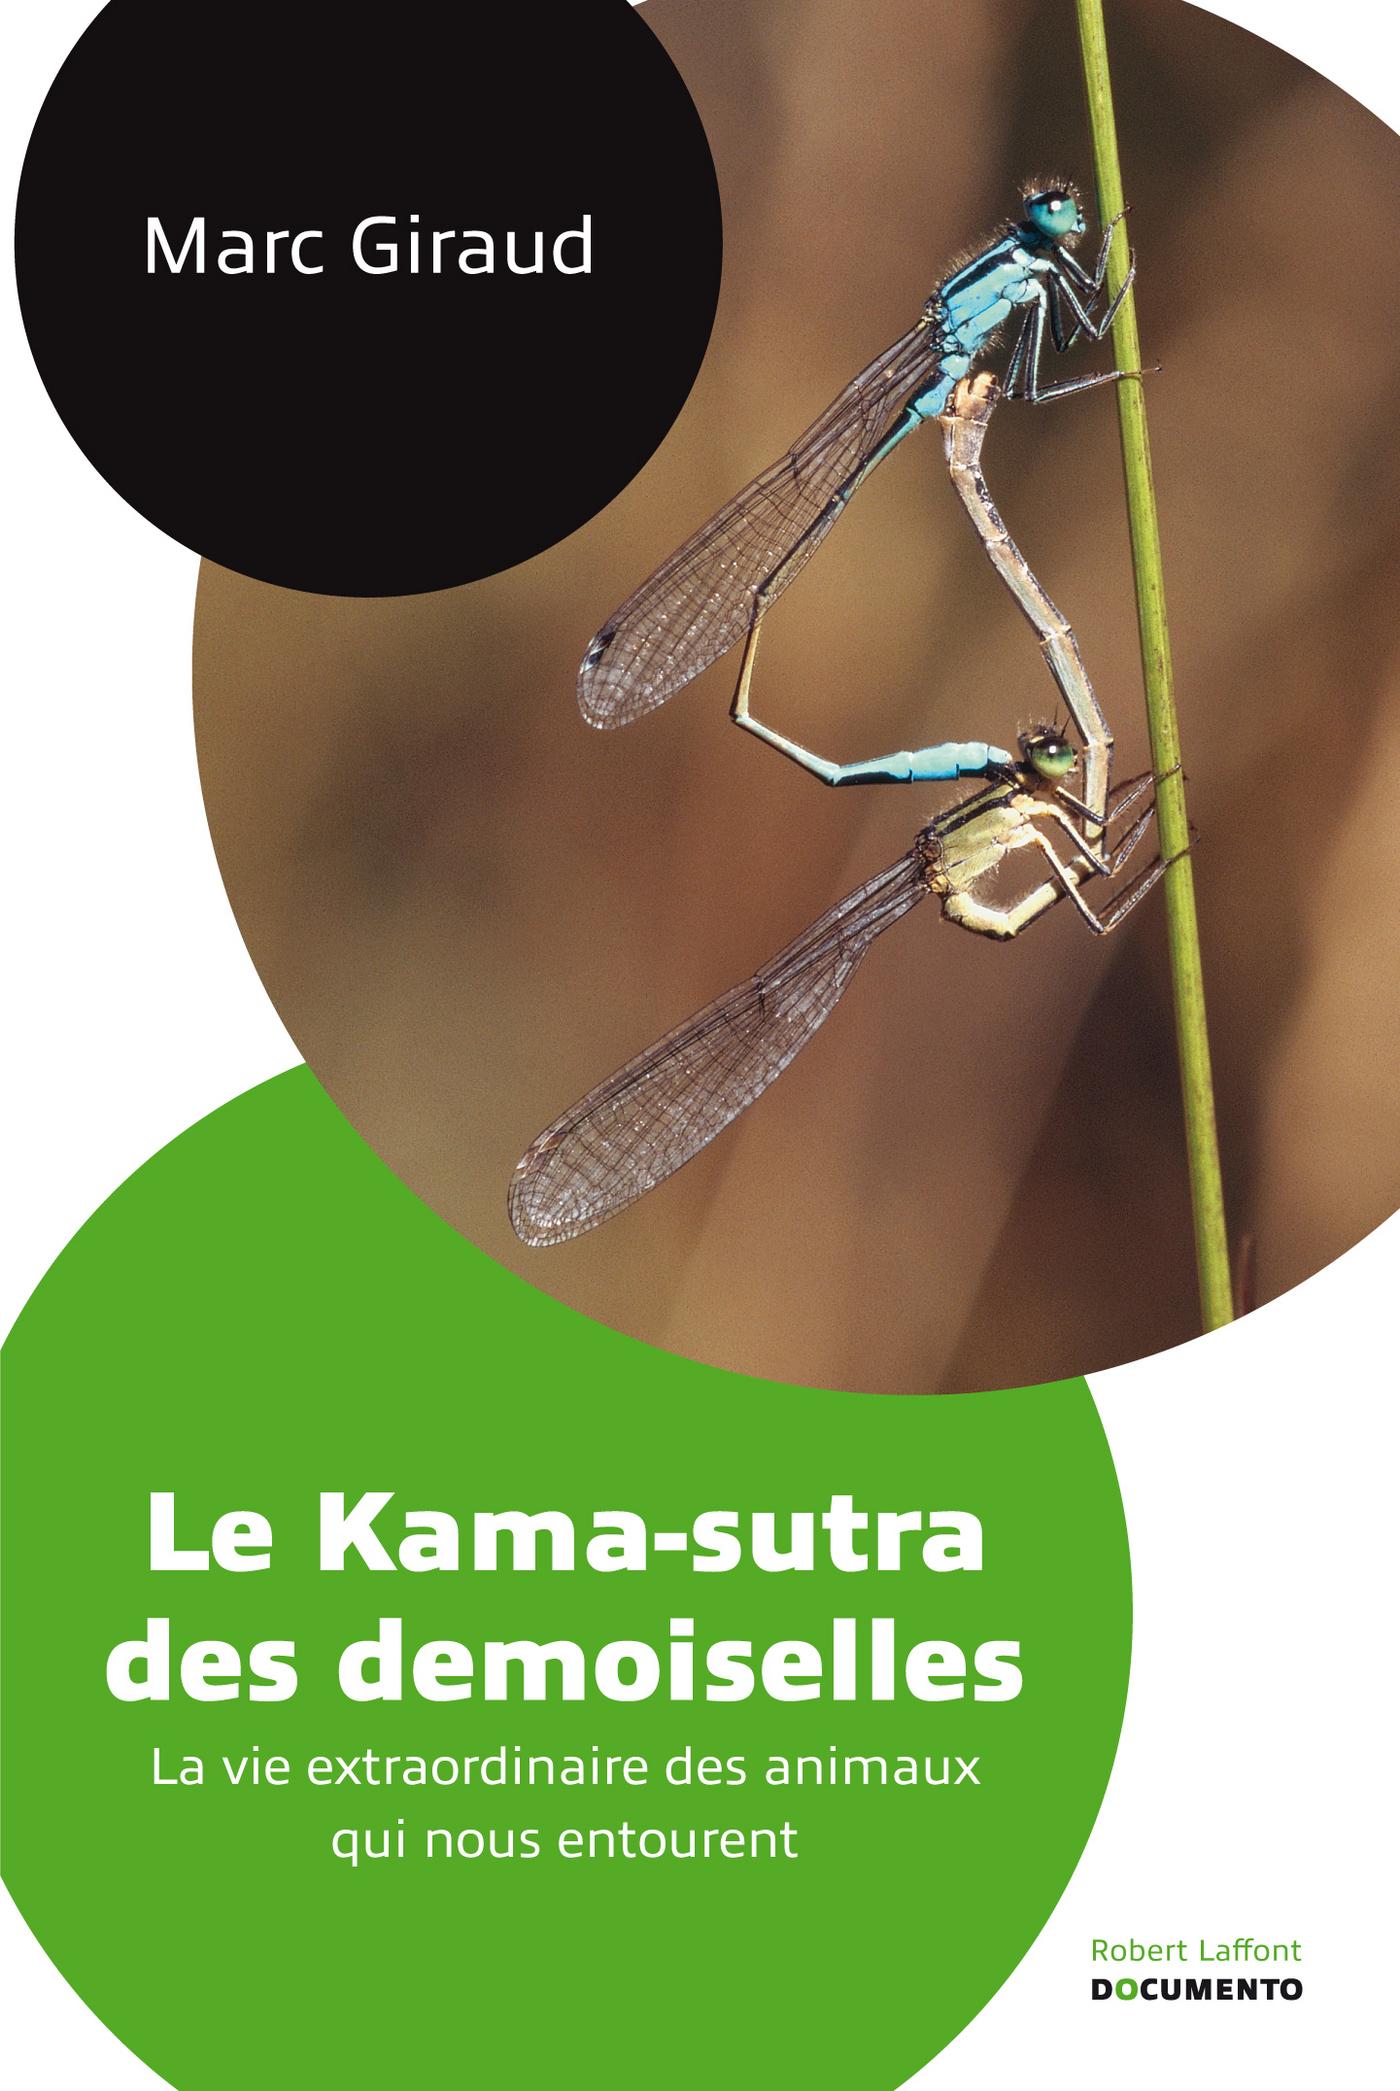 Le kama-sutra des demoiselles (ebook)